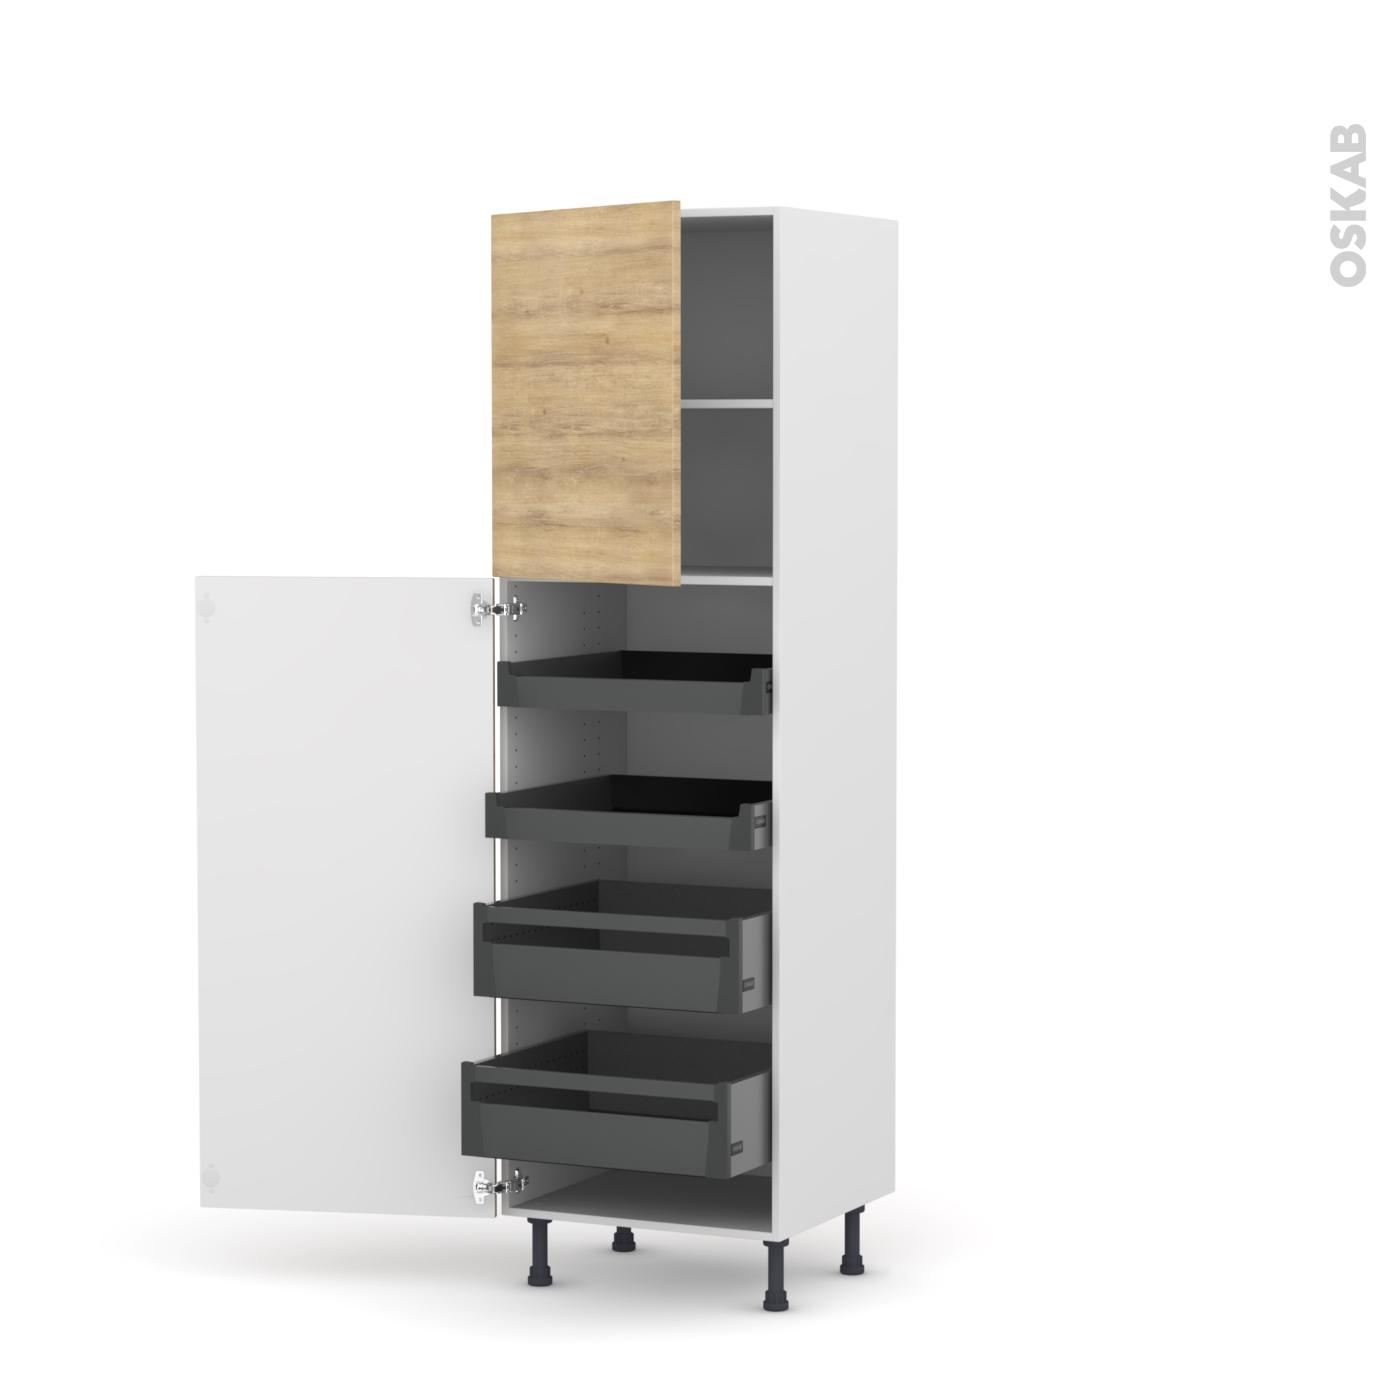 Etagere A Poser Sur Plan Travail colonne de cuisine n°2127 armoire de rangement hosta chêne naturel, 4  tiroirs à l'anglaise, l60 x h195 x p58 cm